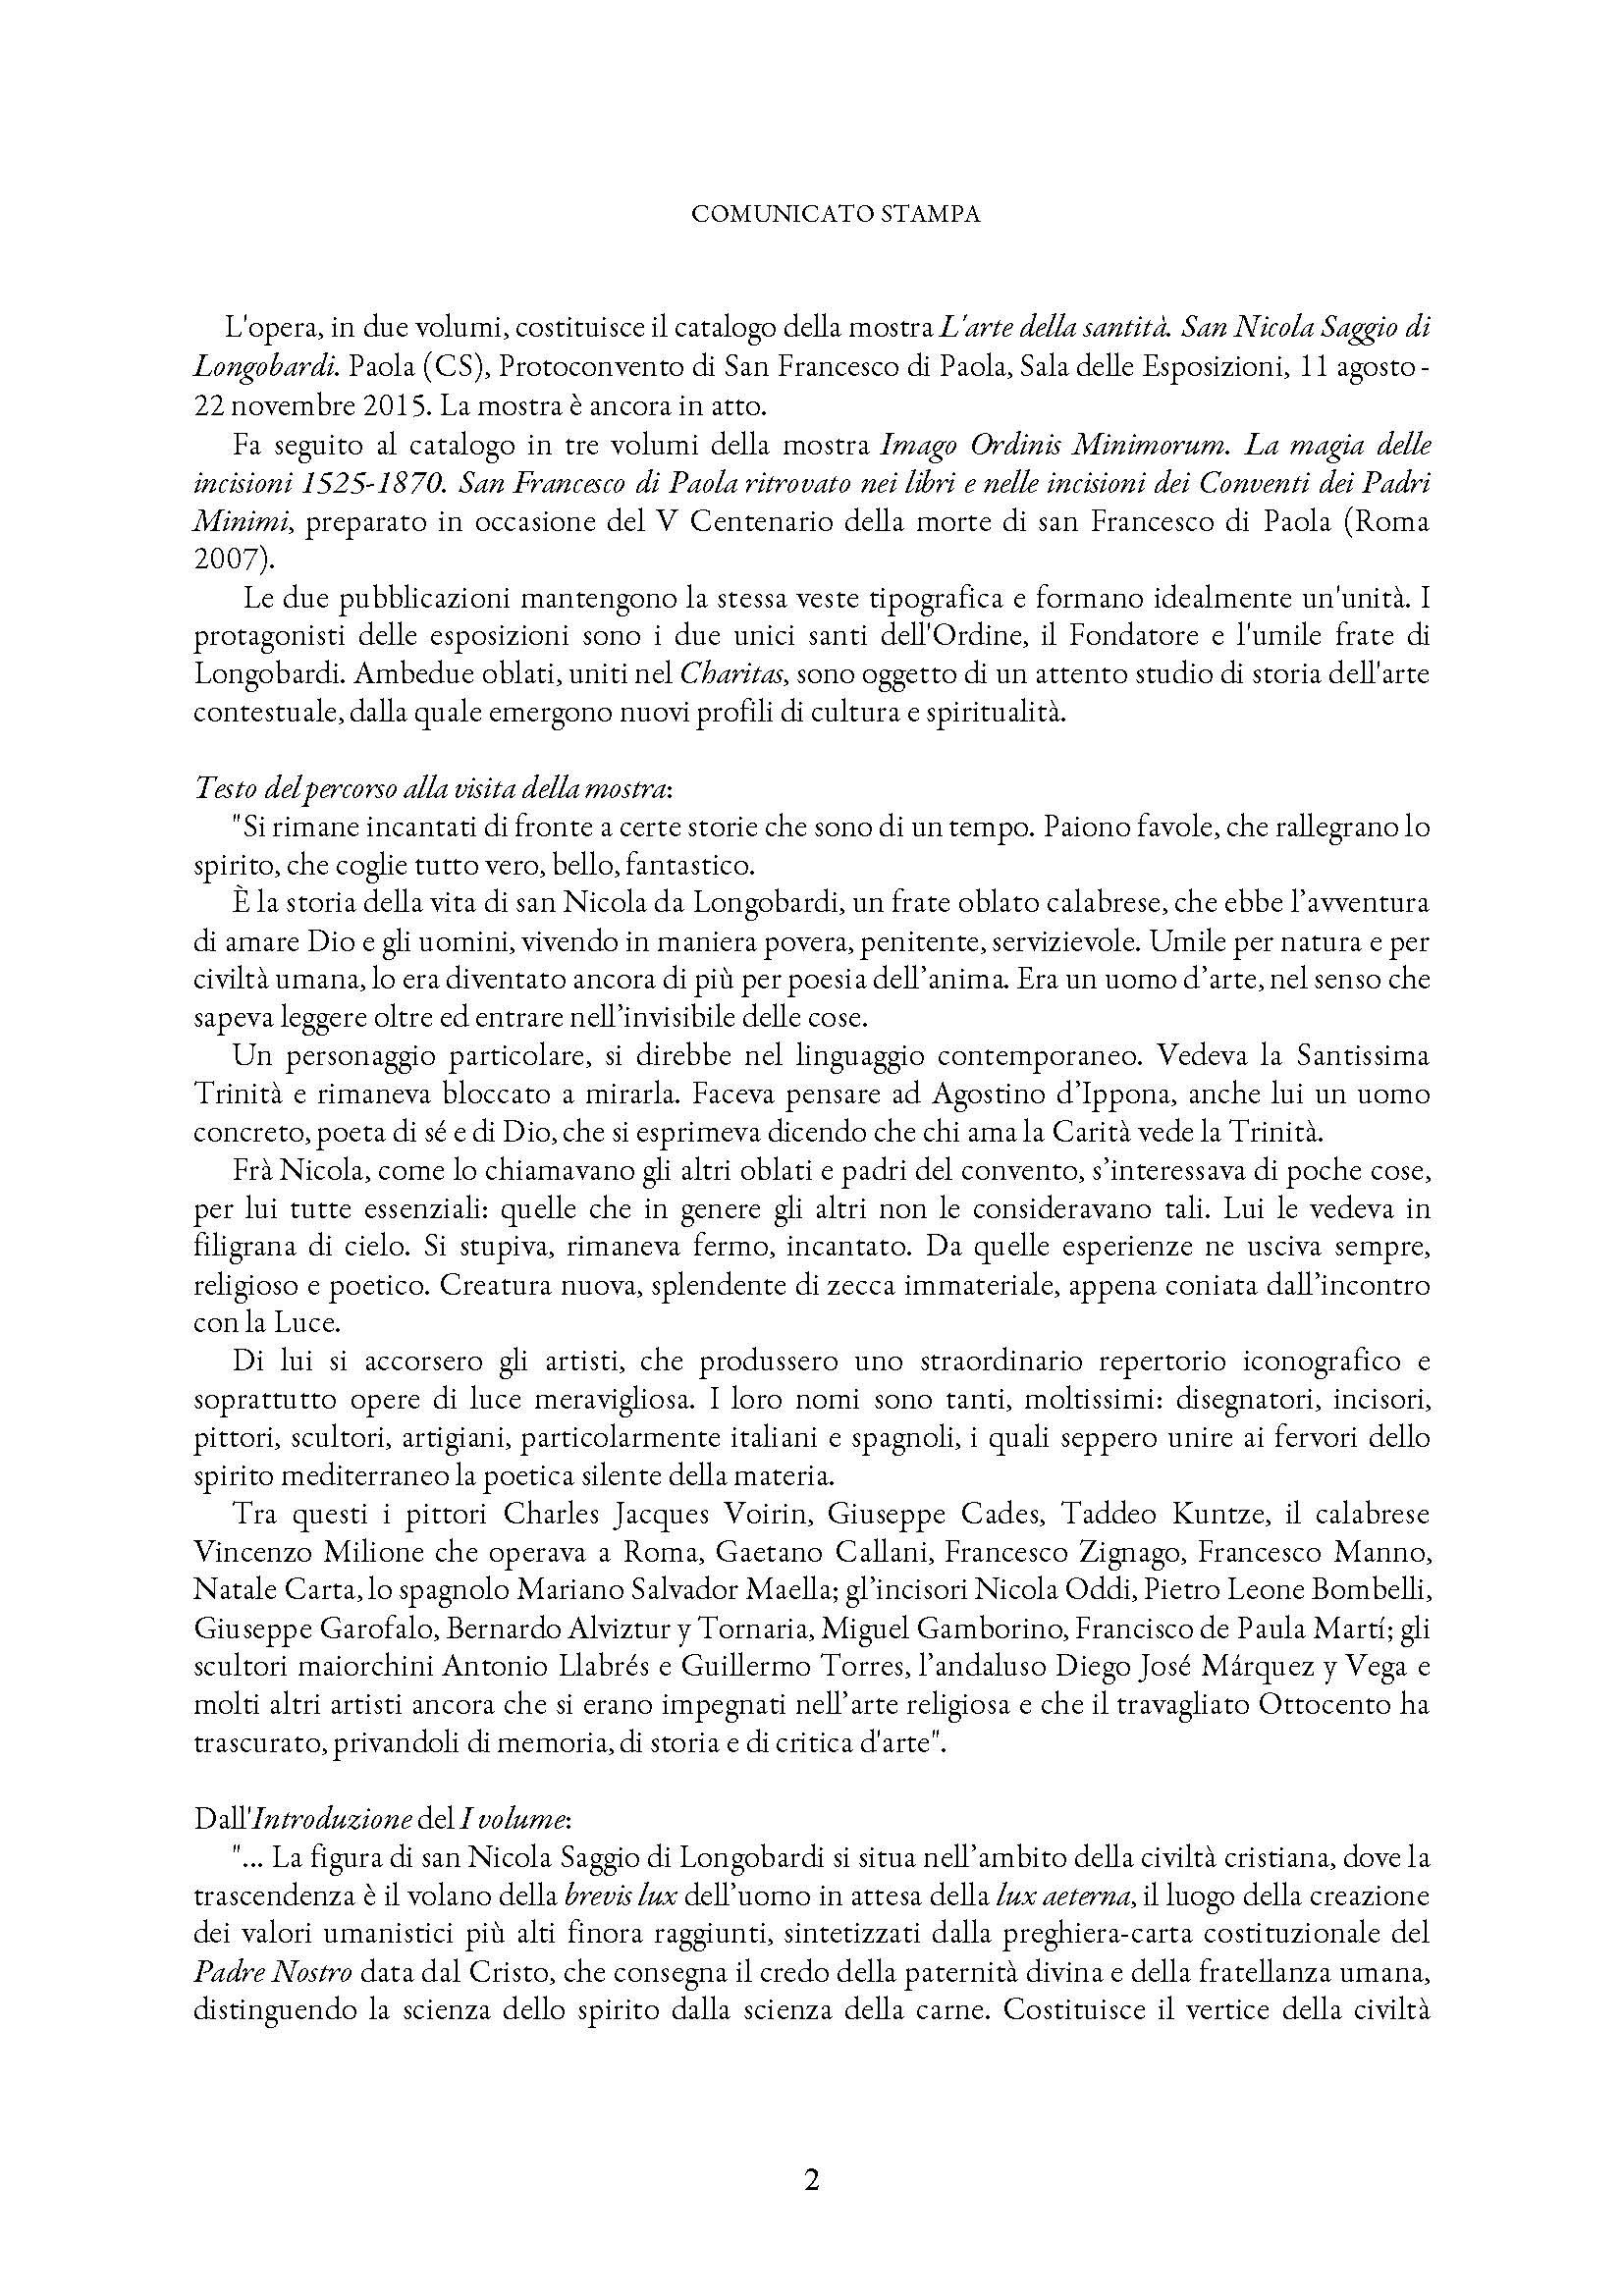 3) Comunicato_stampa_Pagina_2